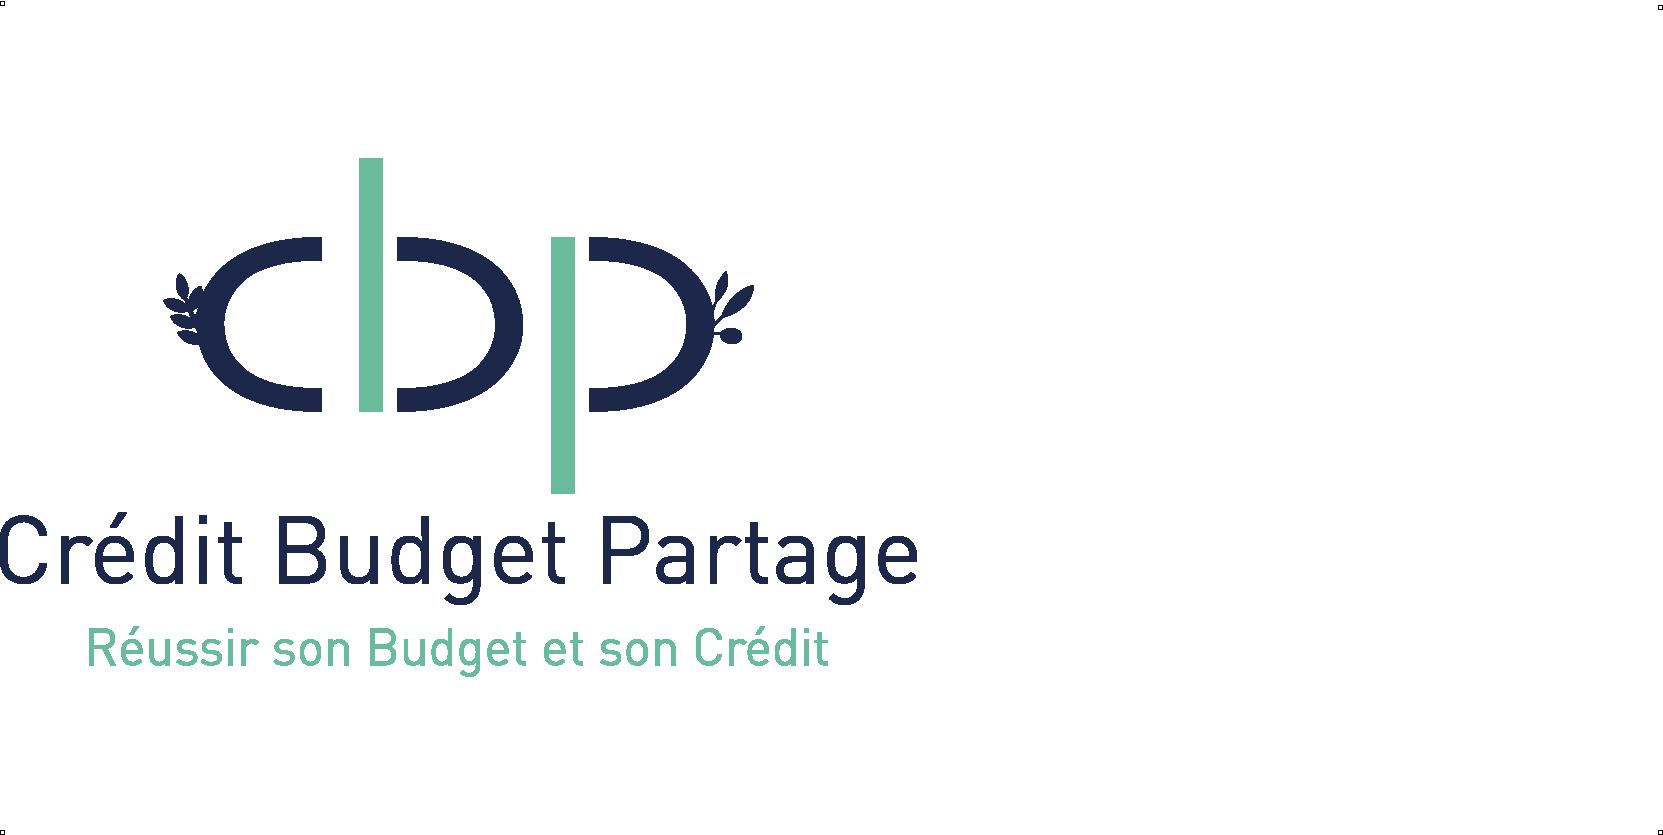 Crédit Budget Partage